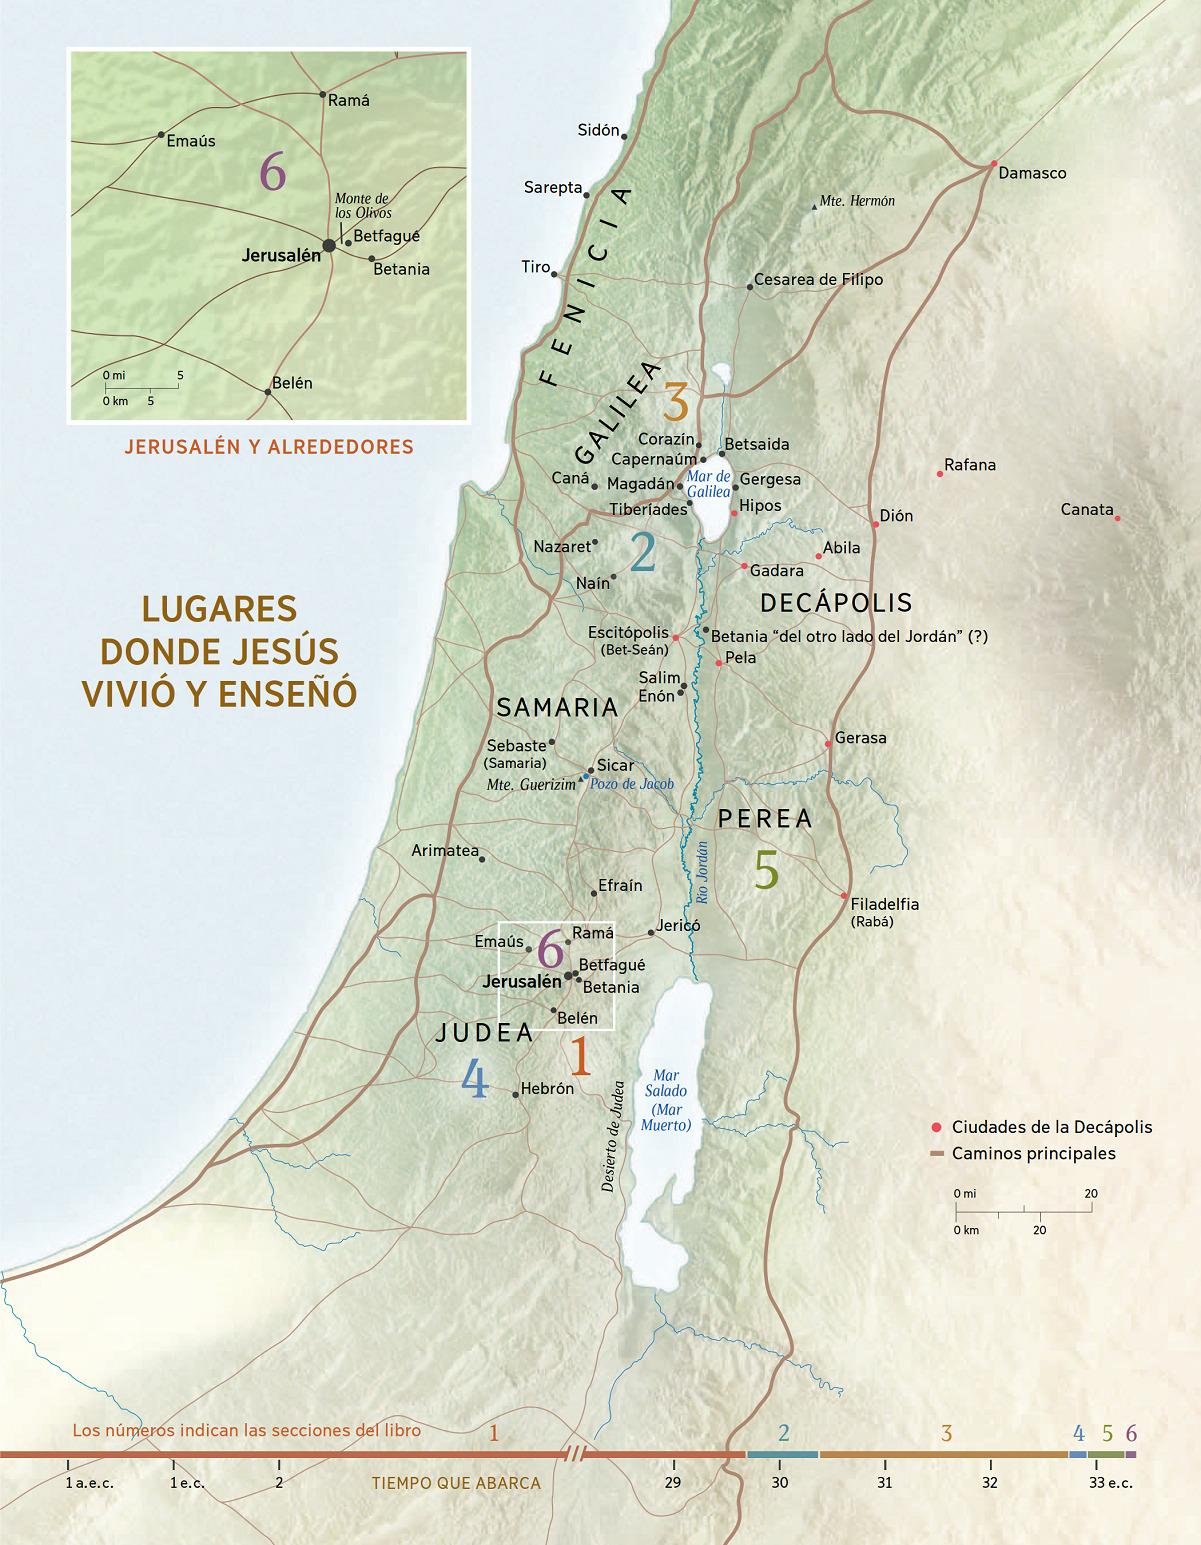 Mapa De Los Lugares Donde Jesús Vivió Y Enseñó La Vida De Jesús